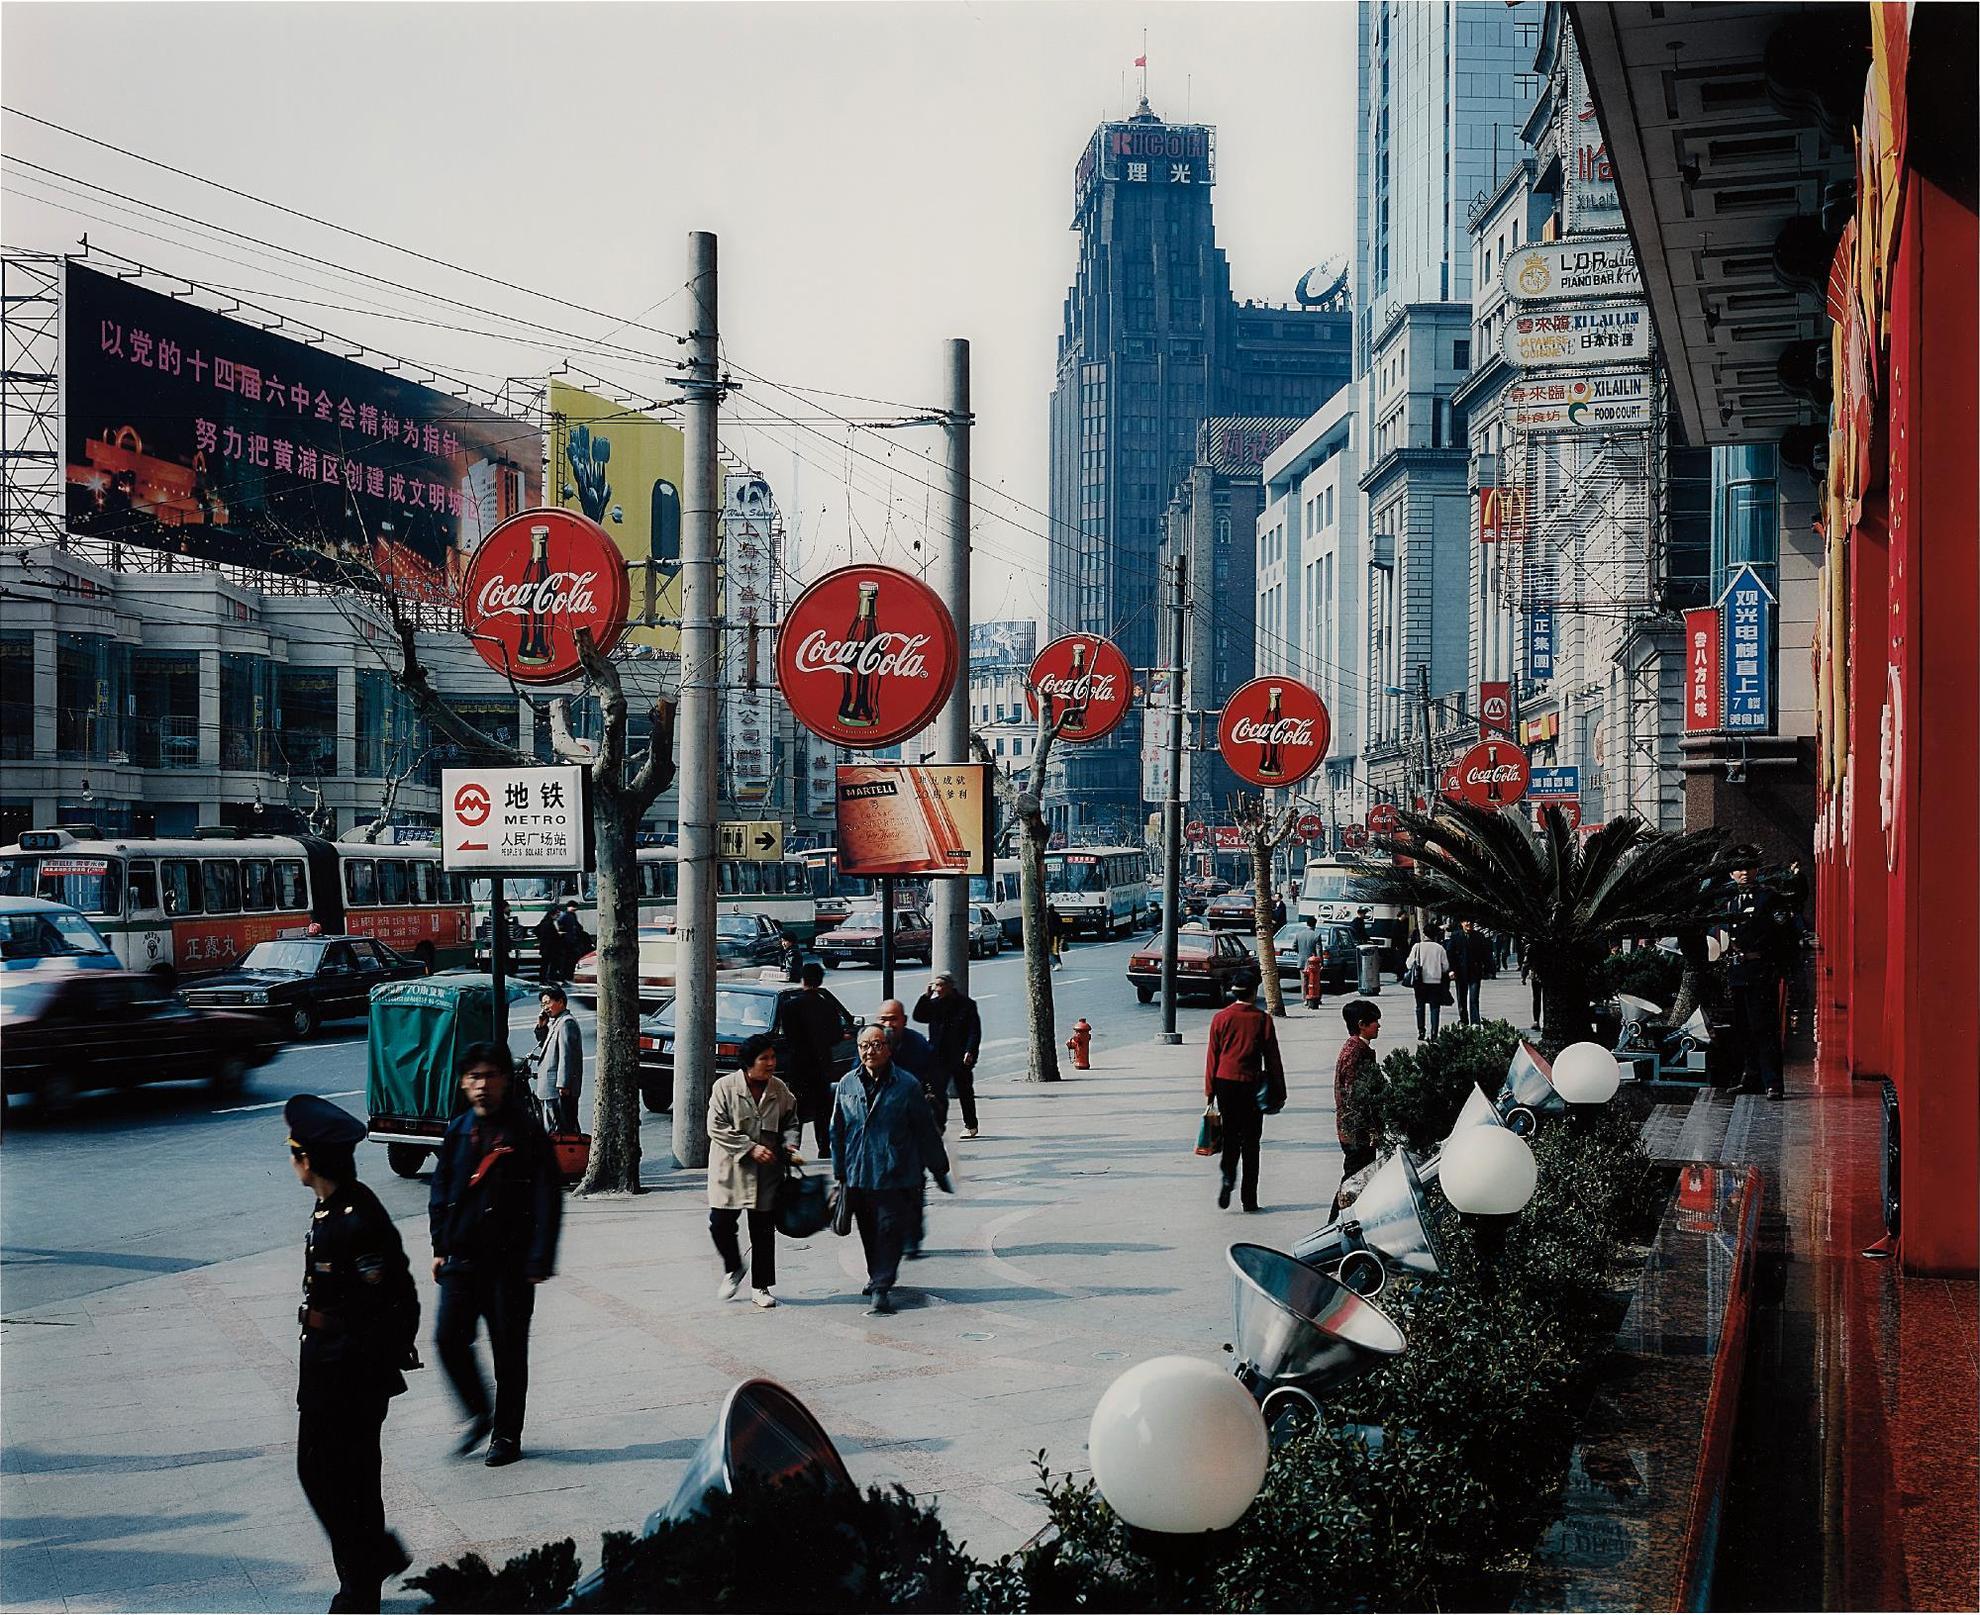 Thomas Struth-Wangfujing Dong Lu, Shanghai-1998